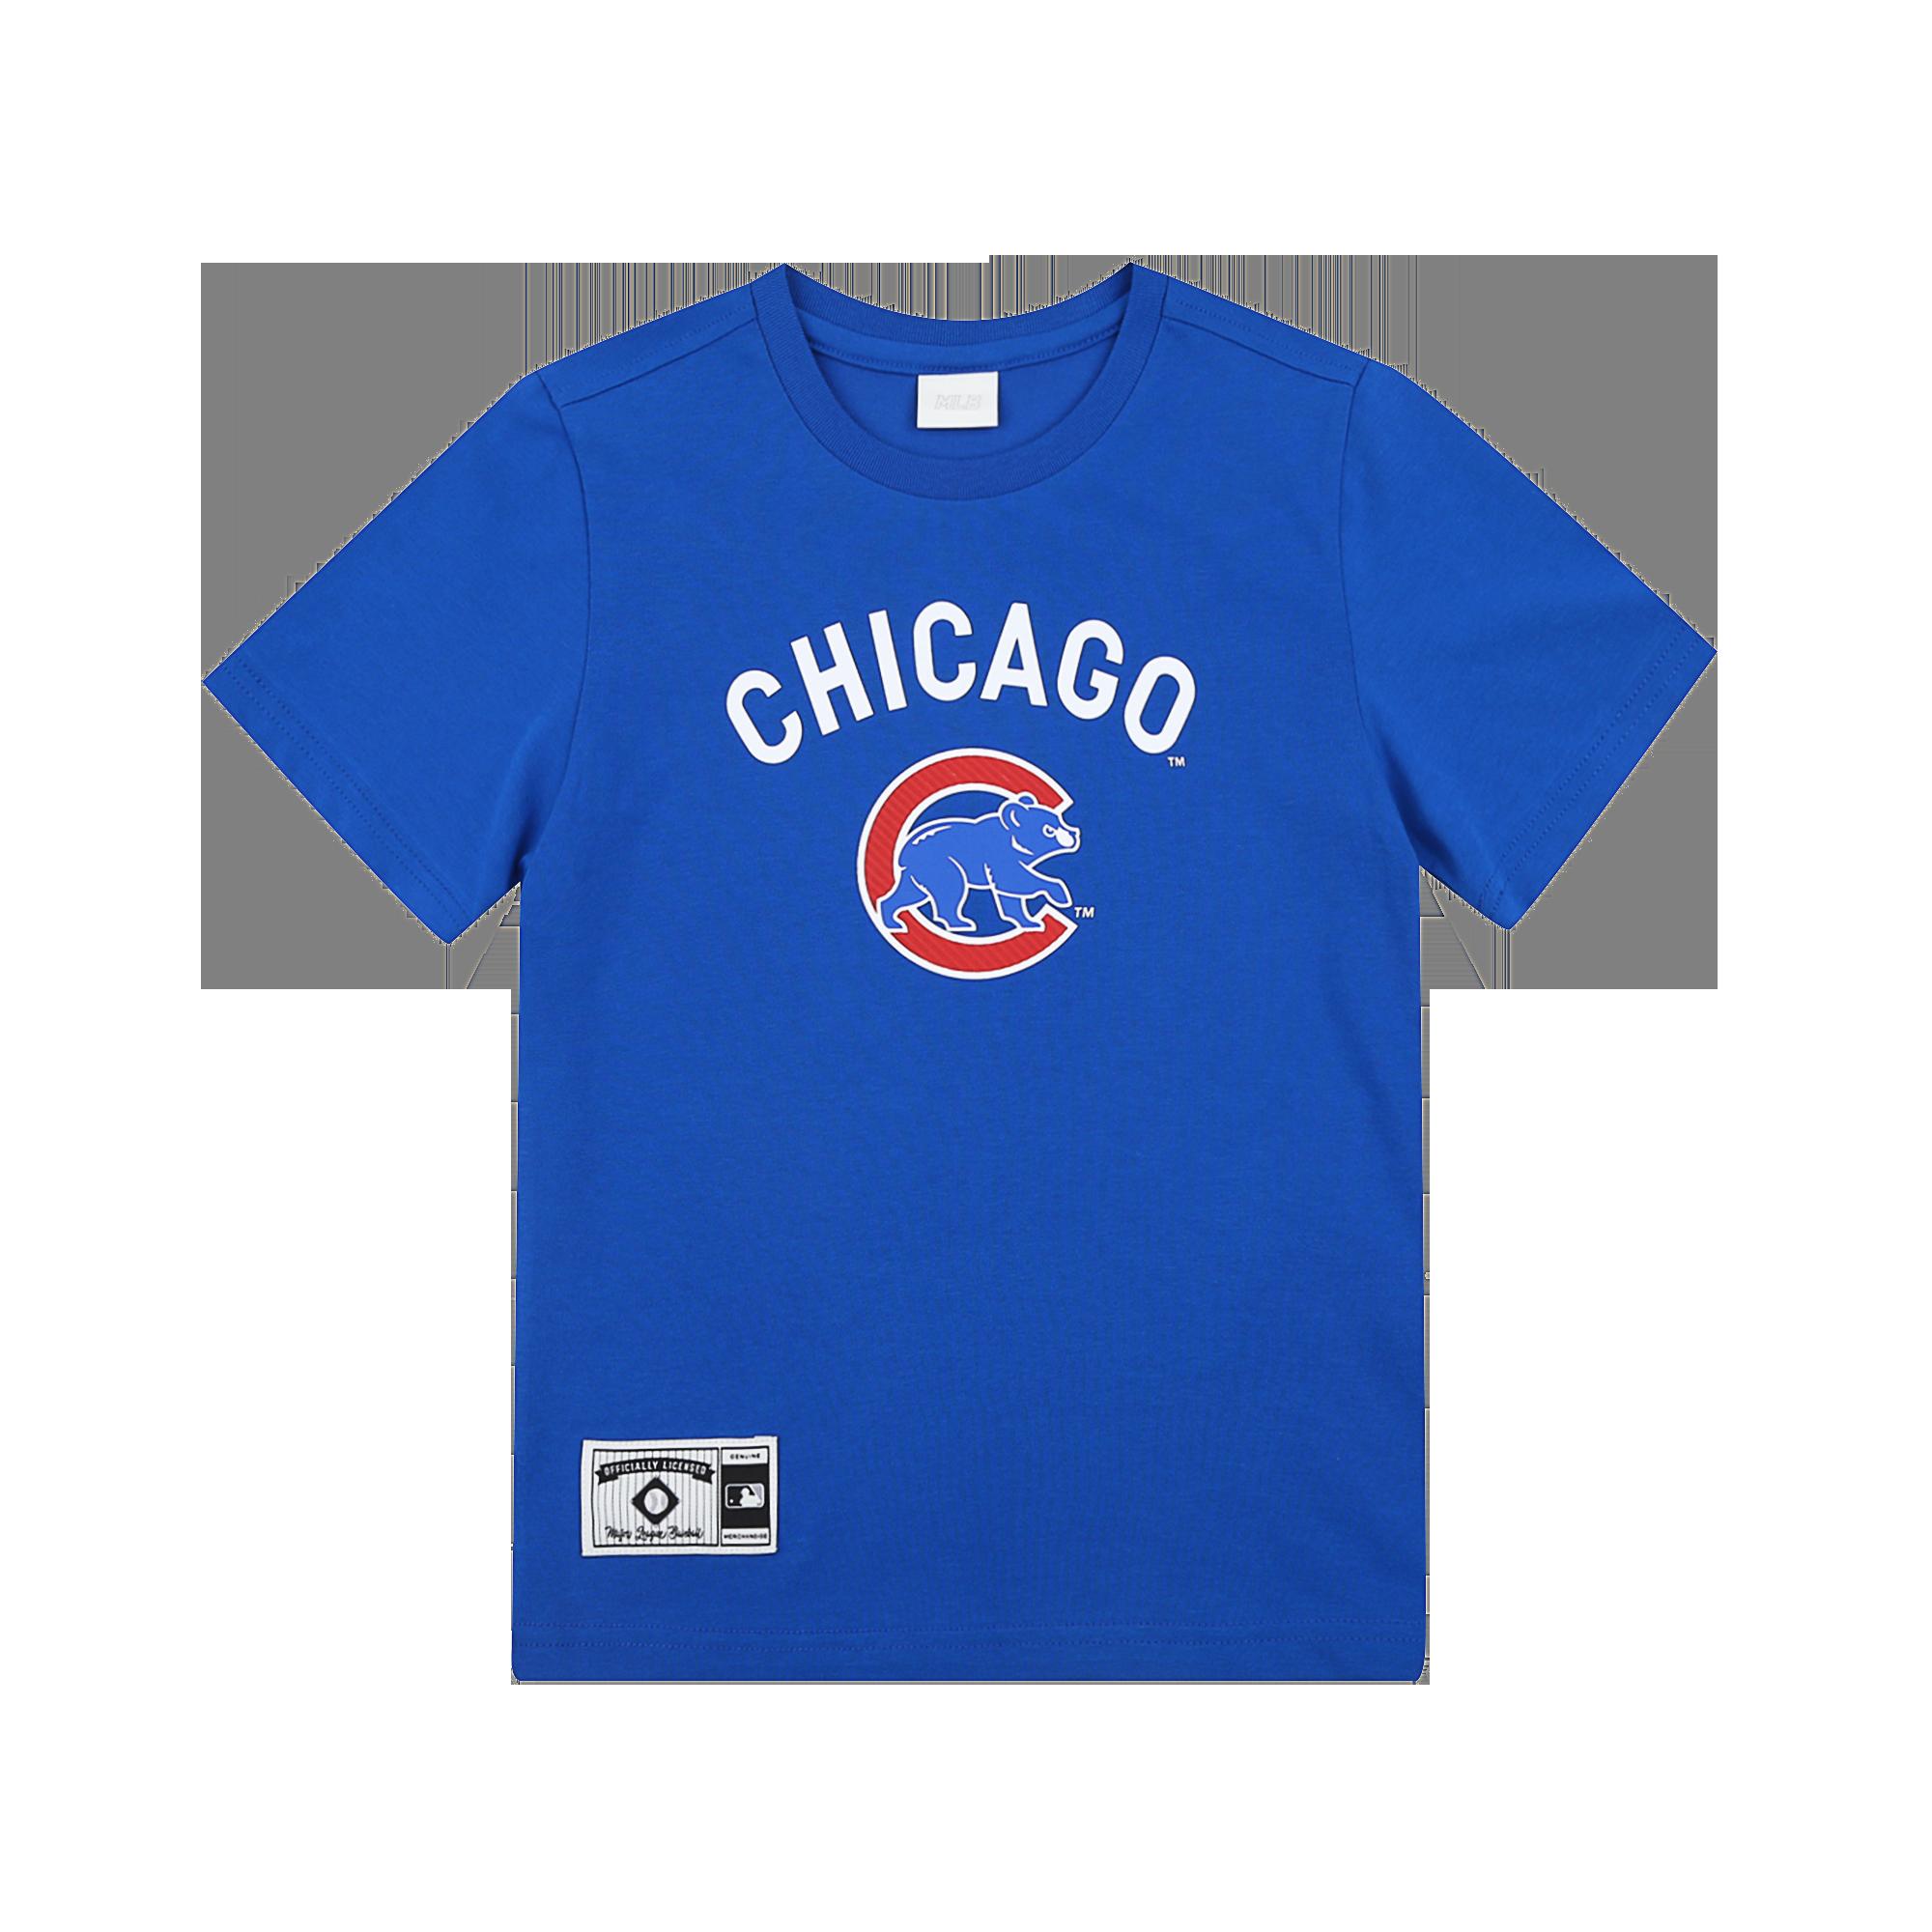 CHICAGO CUBS BASEBALL TEAM SHORT SLEEVE T-SHIRT